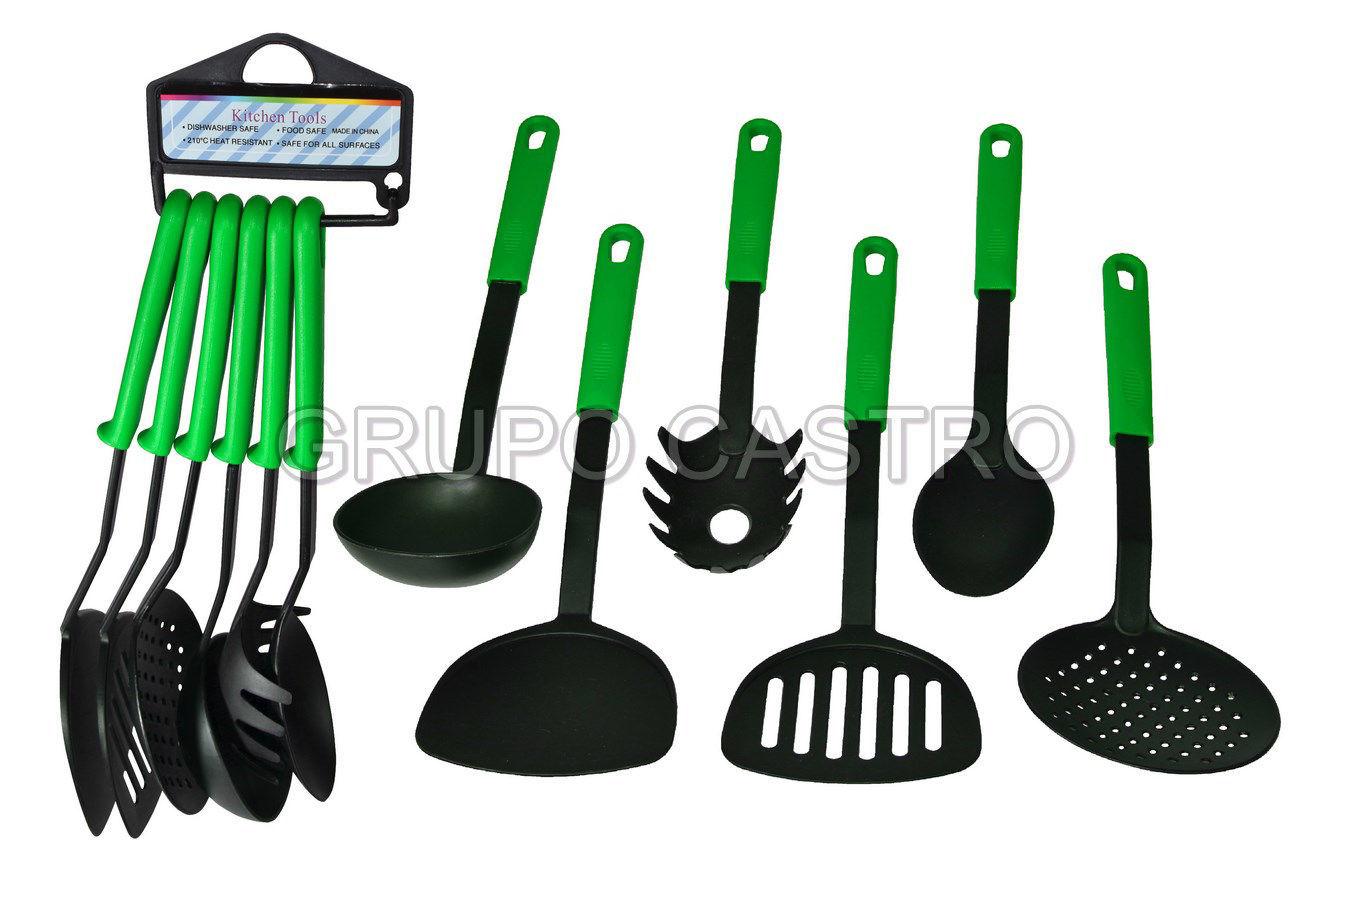 Foto de Set utencilios  cocina 6 pcs teflón 716-34918 bistro